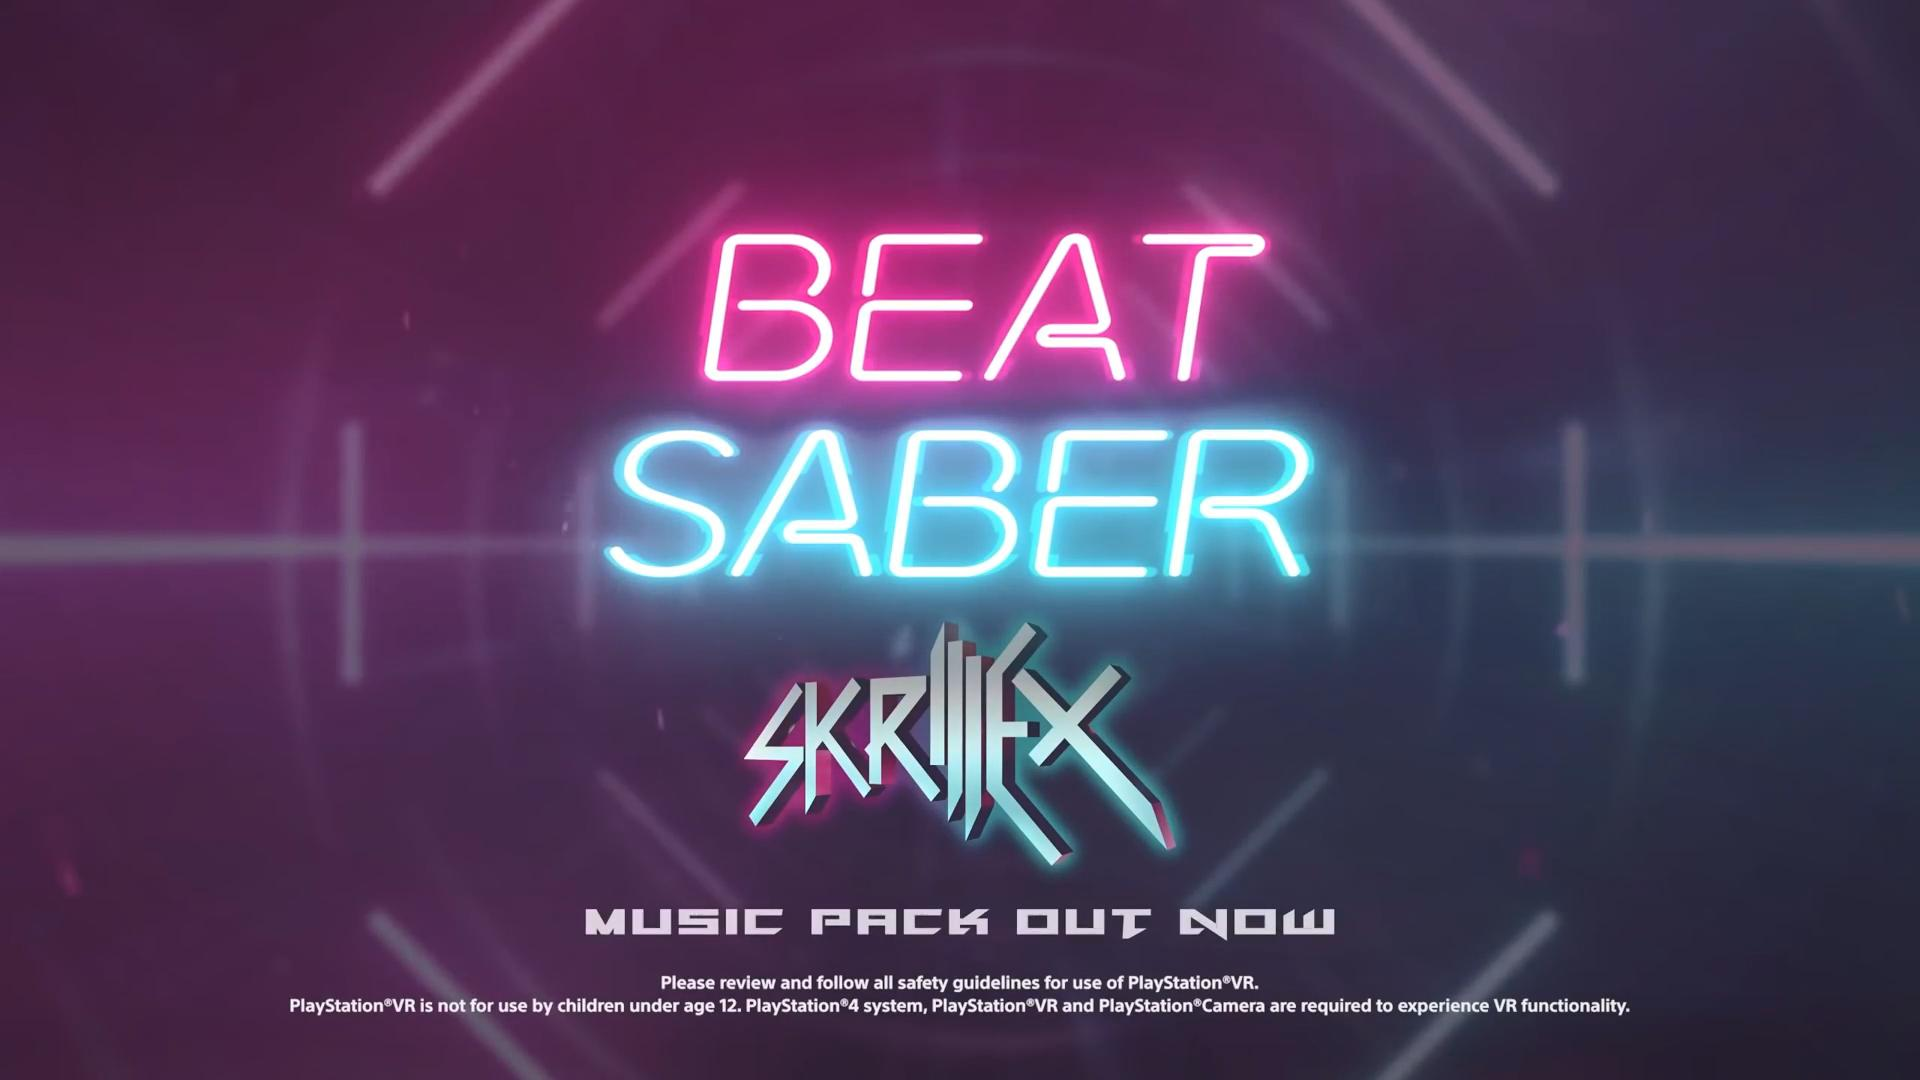 《节奏光剑》Skrillex曲包上线 8首歌曲合集仅售60元